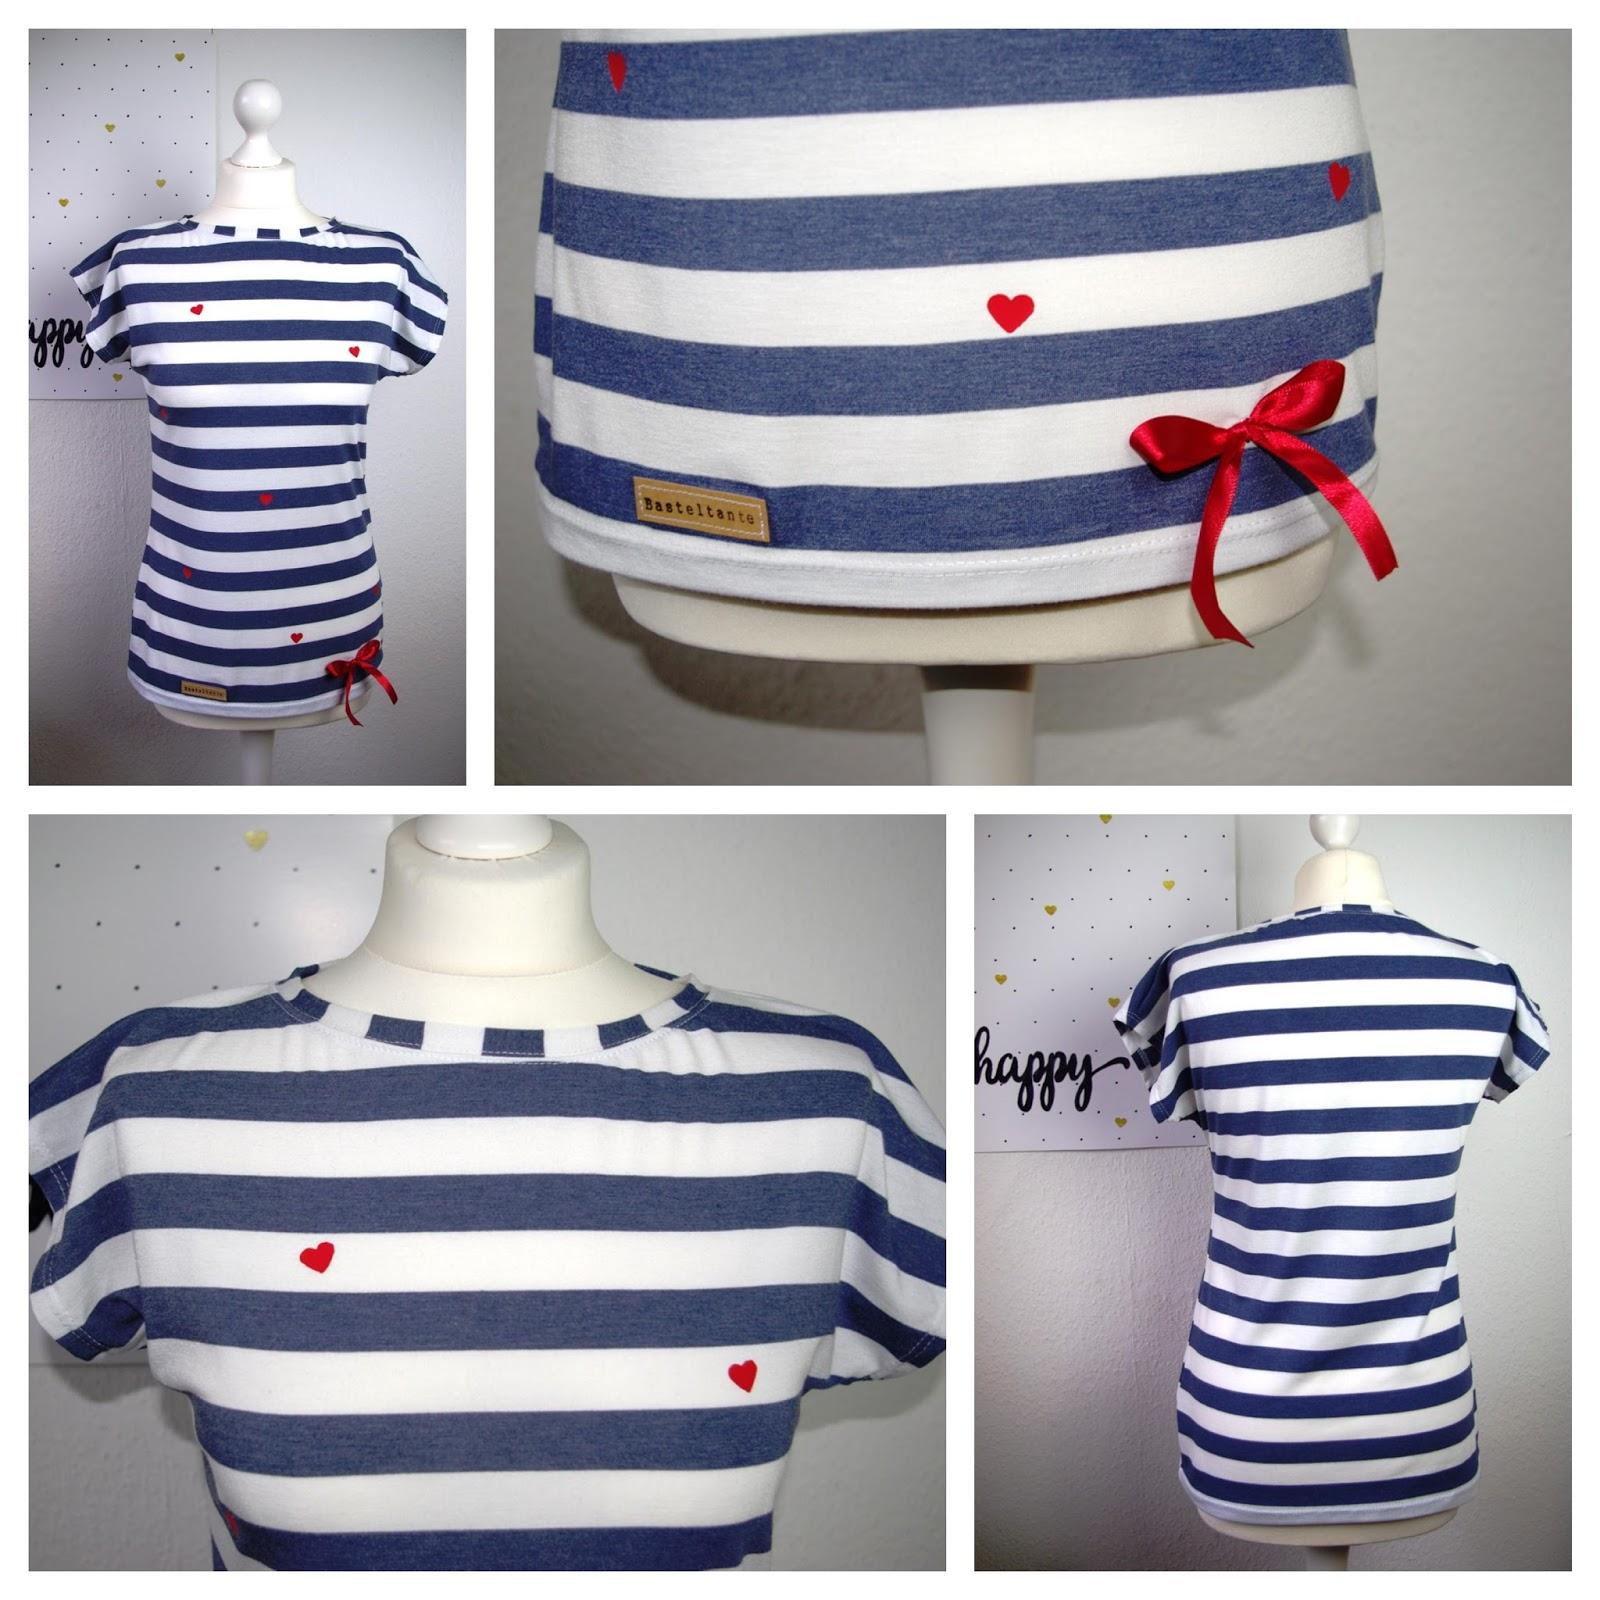 Collage Kimonotee von MariaDenmark aus blau weiß gestreiften Jersey mit roten DIY Herzen aus Plotterfolie - Nähblog